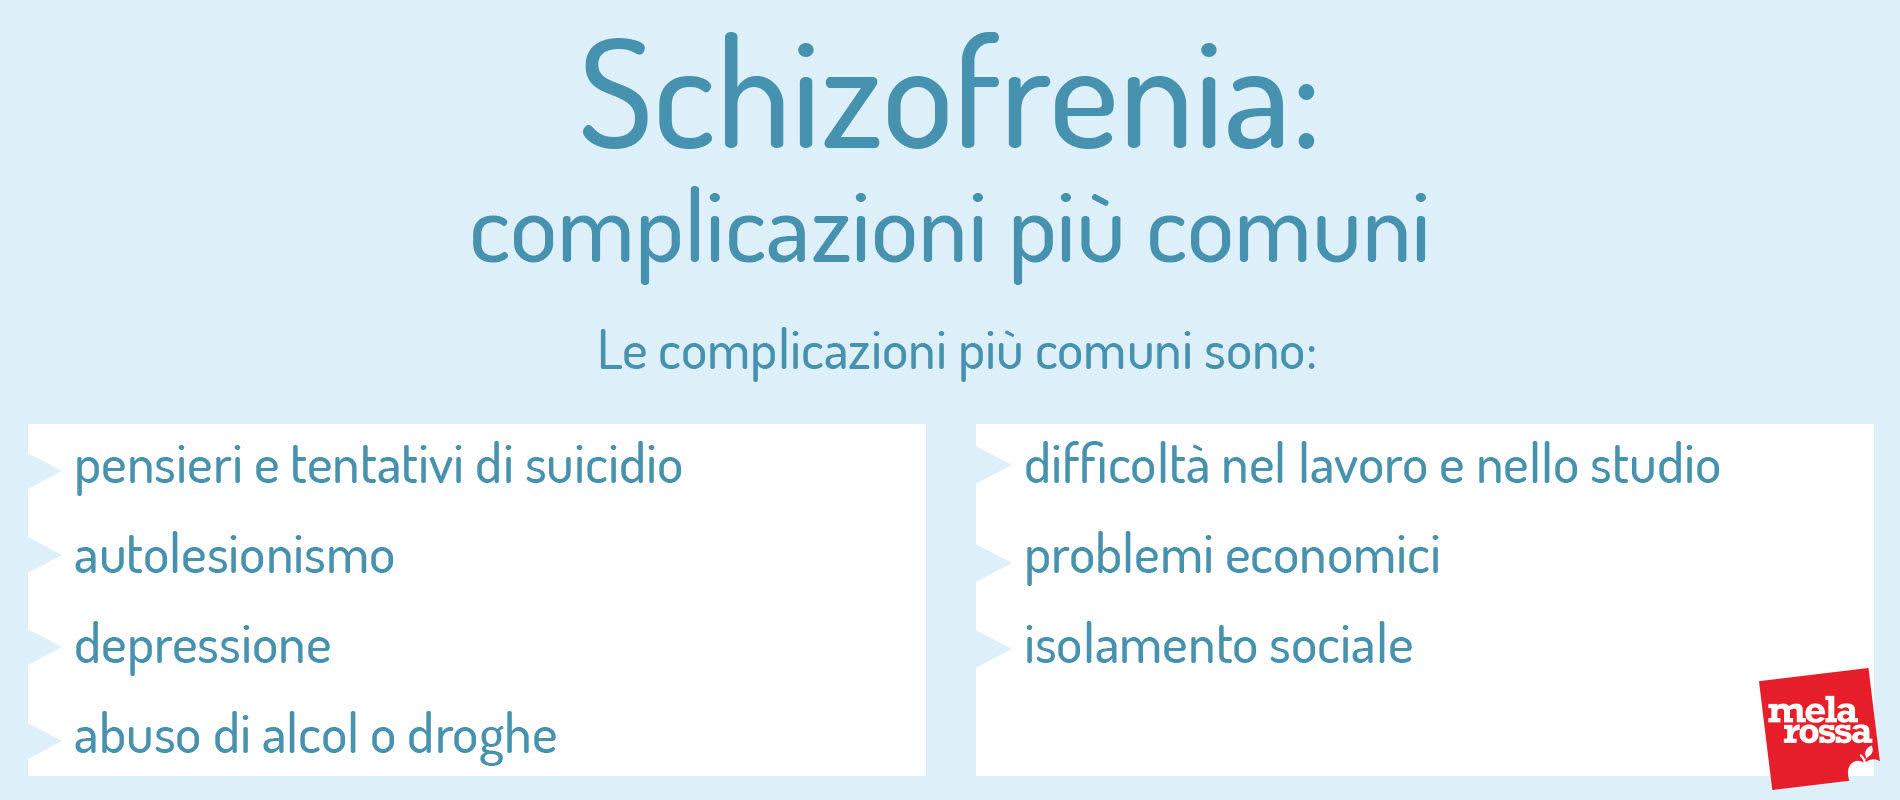 Schizfrenia: complicazioni più comuni